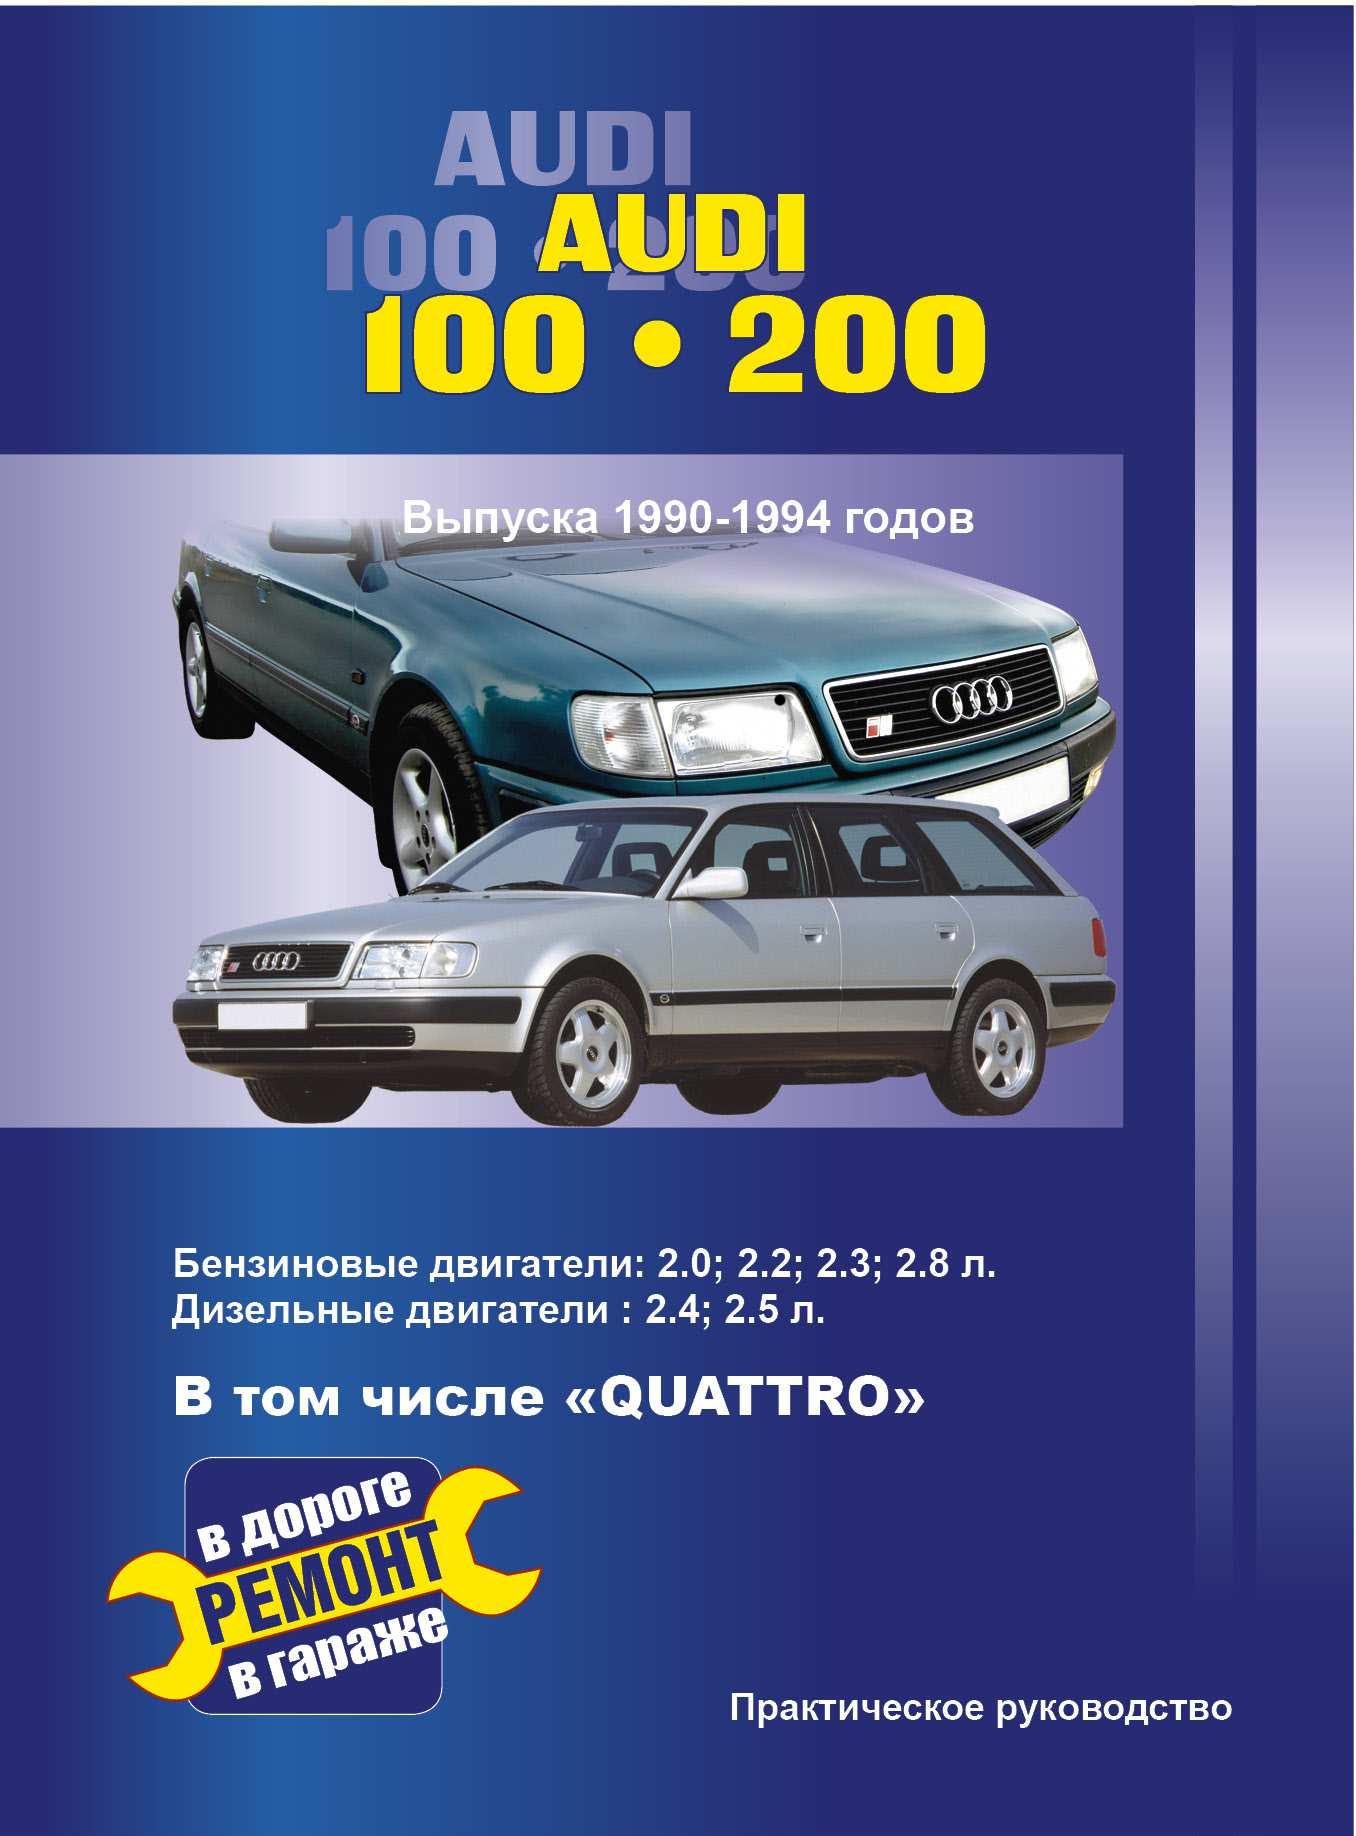 AUDI 100 200 выпуска с 1990 по 1994 г - ремонт в дороге, ремонт в гараже. Практическое руководство